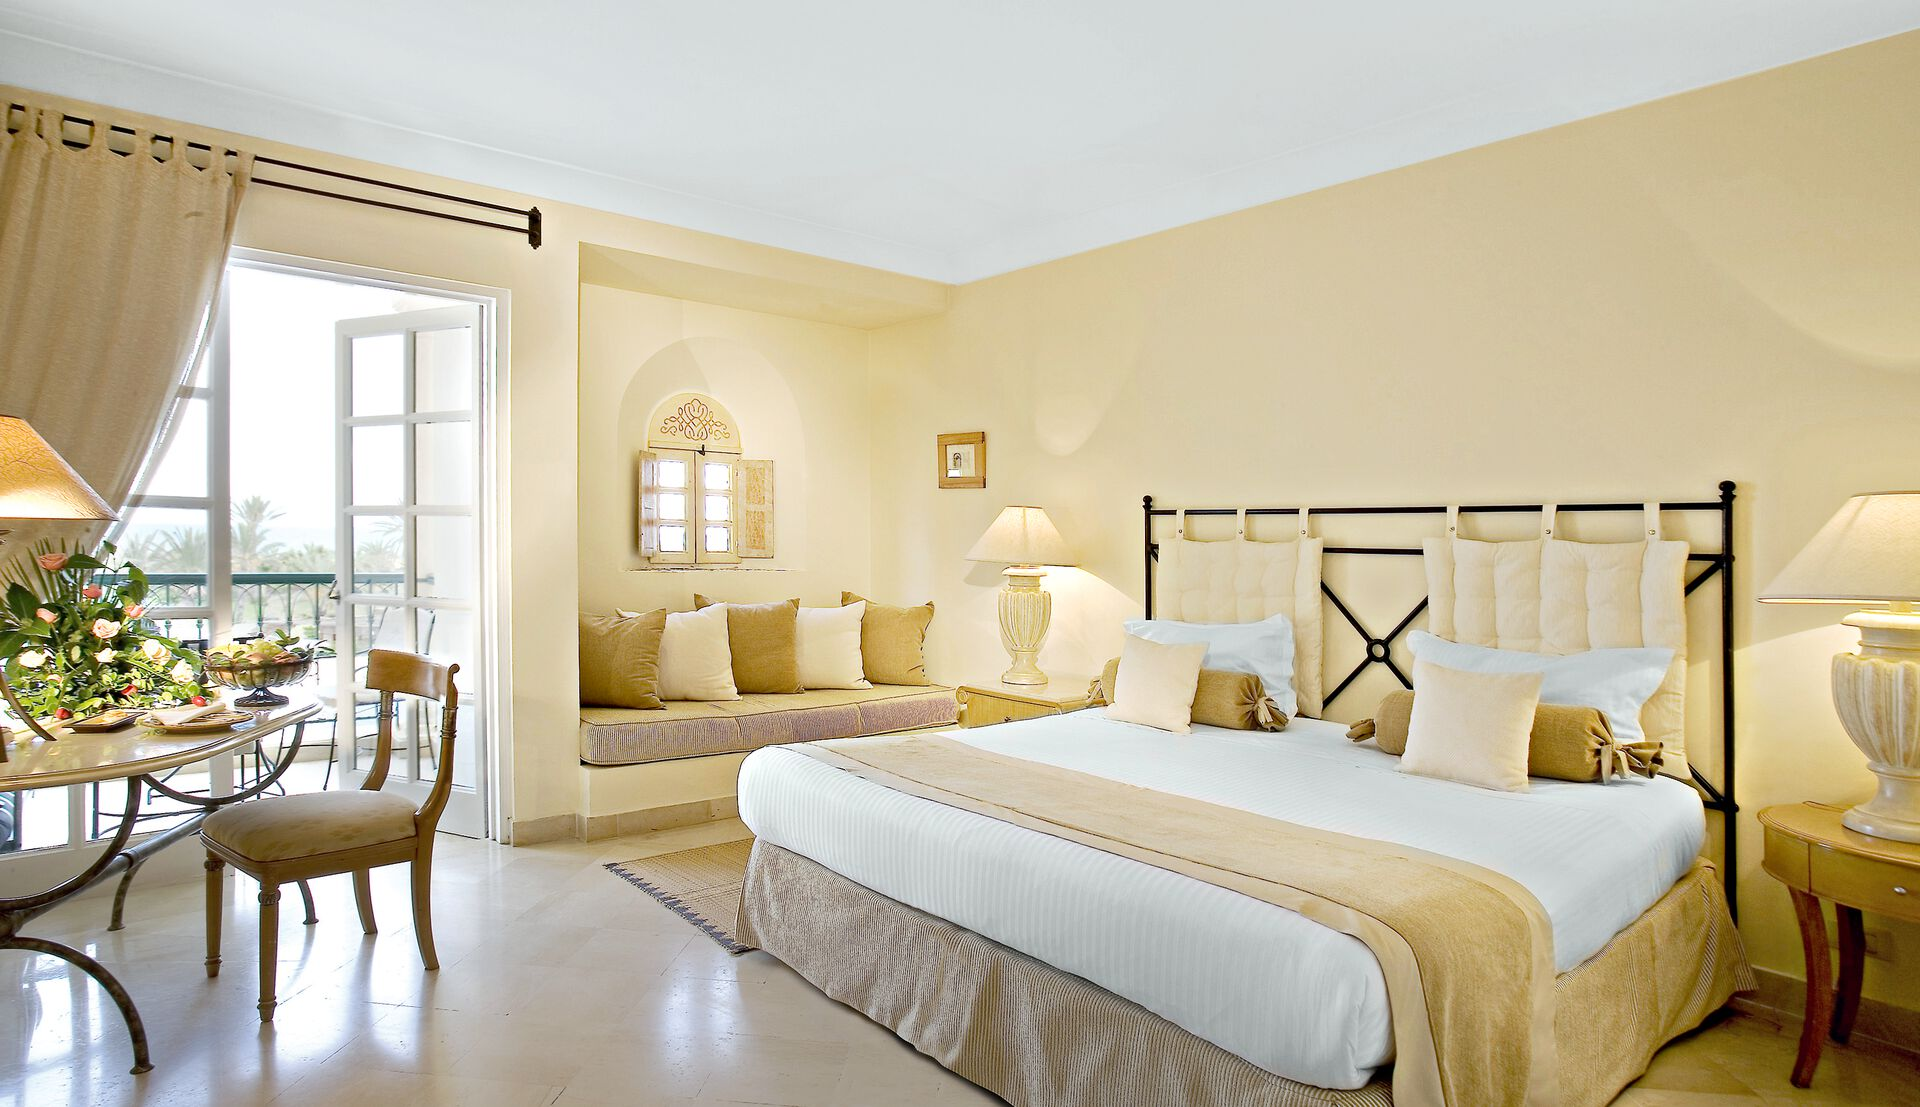 Tunisie - Gammarth - Hôtel The Residence Tunis 5*